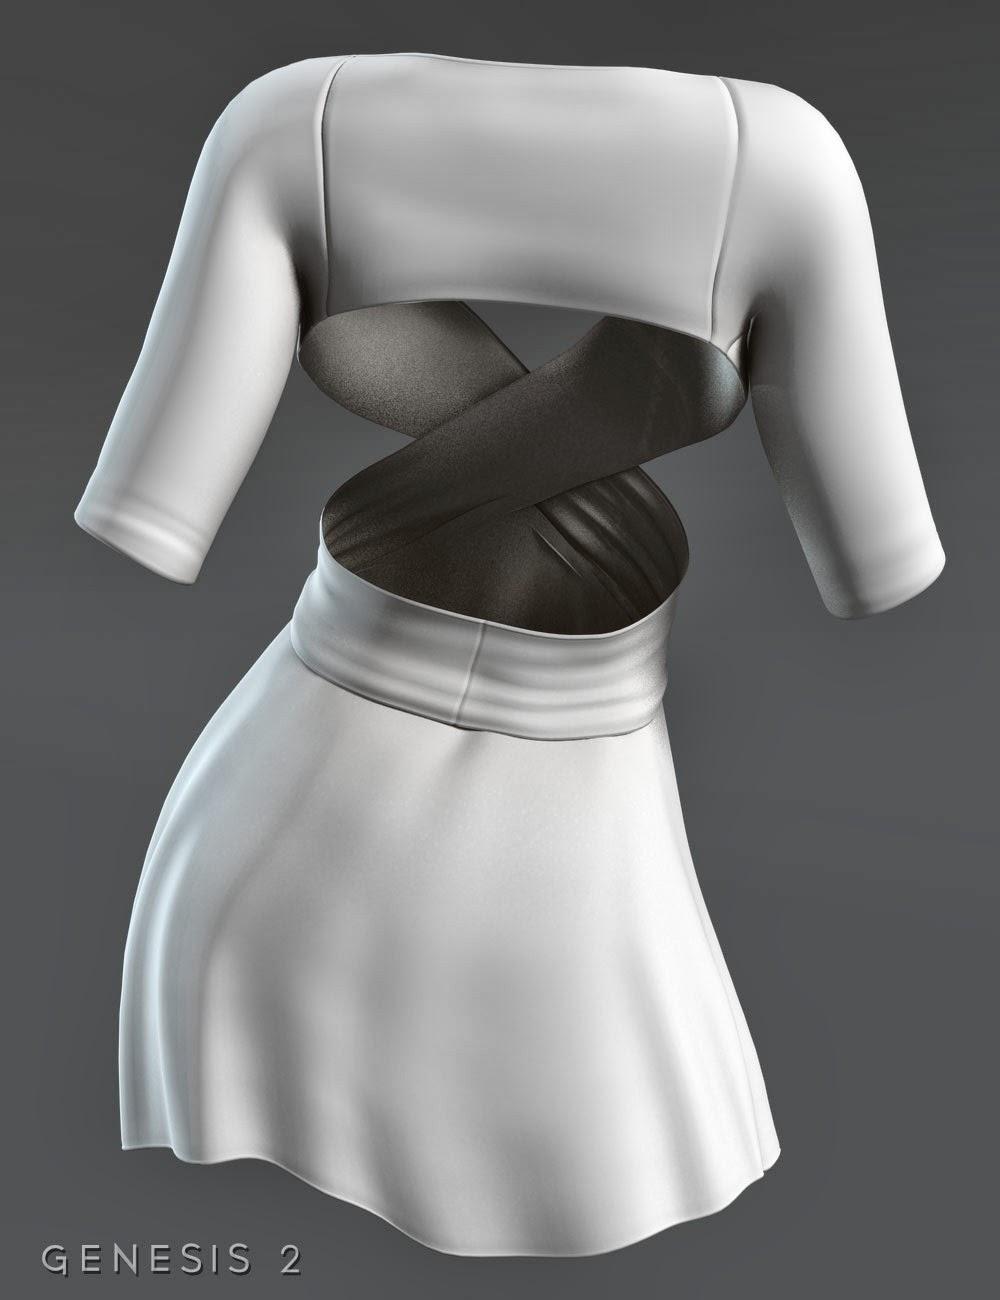 Enveloppez robe pour Genesis 2 Femme